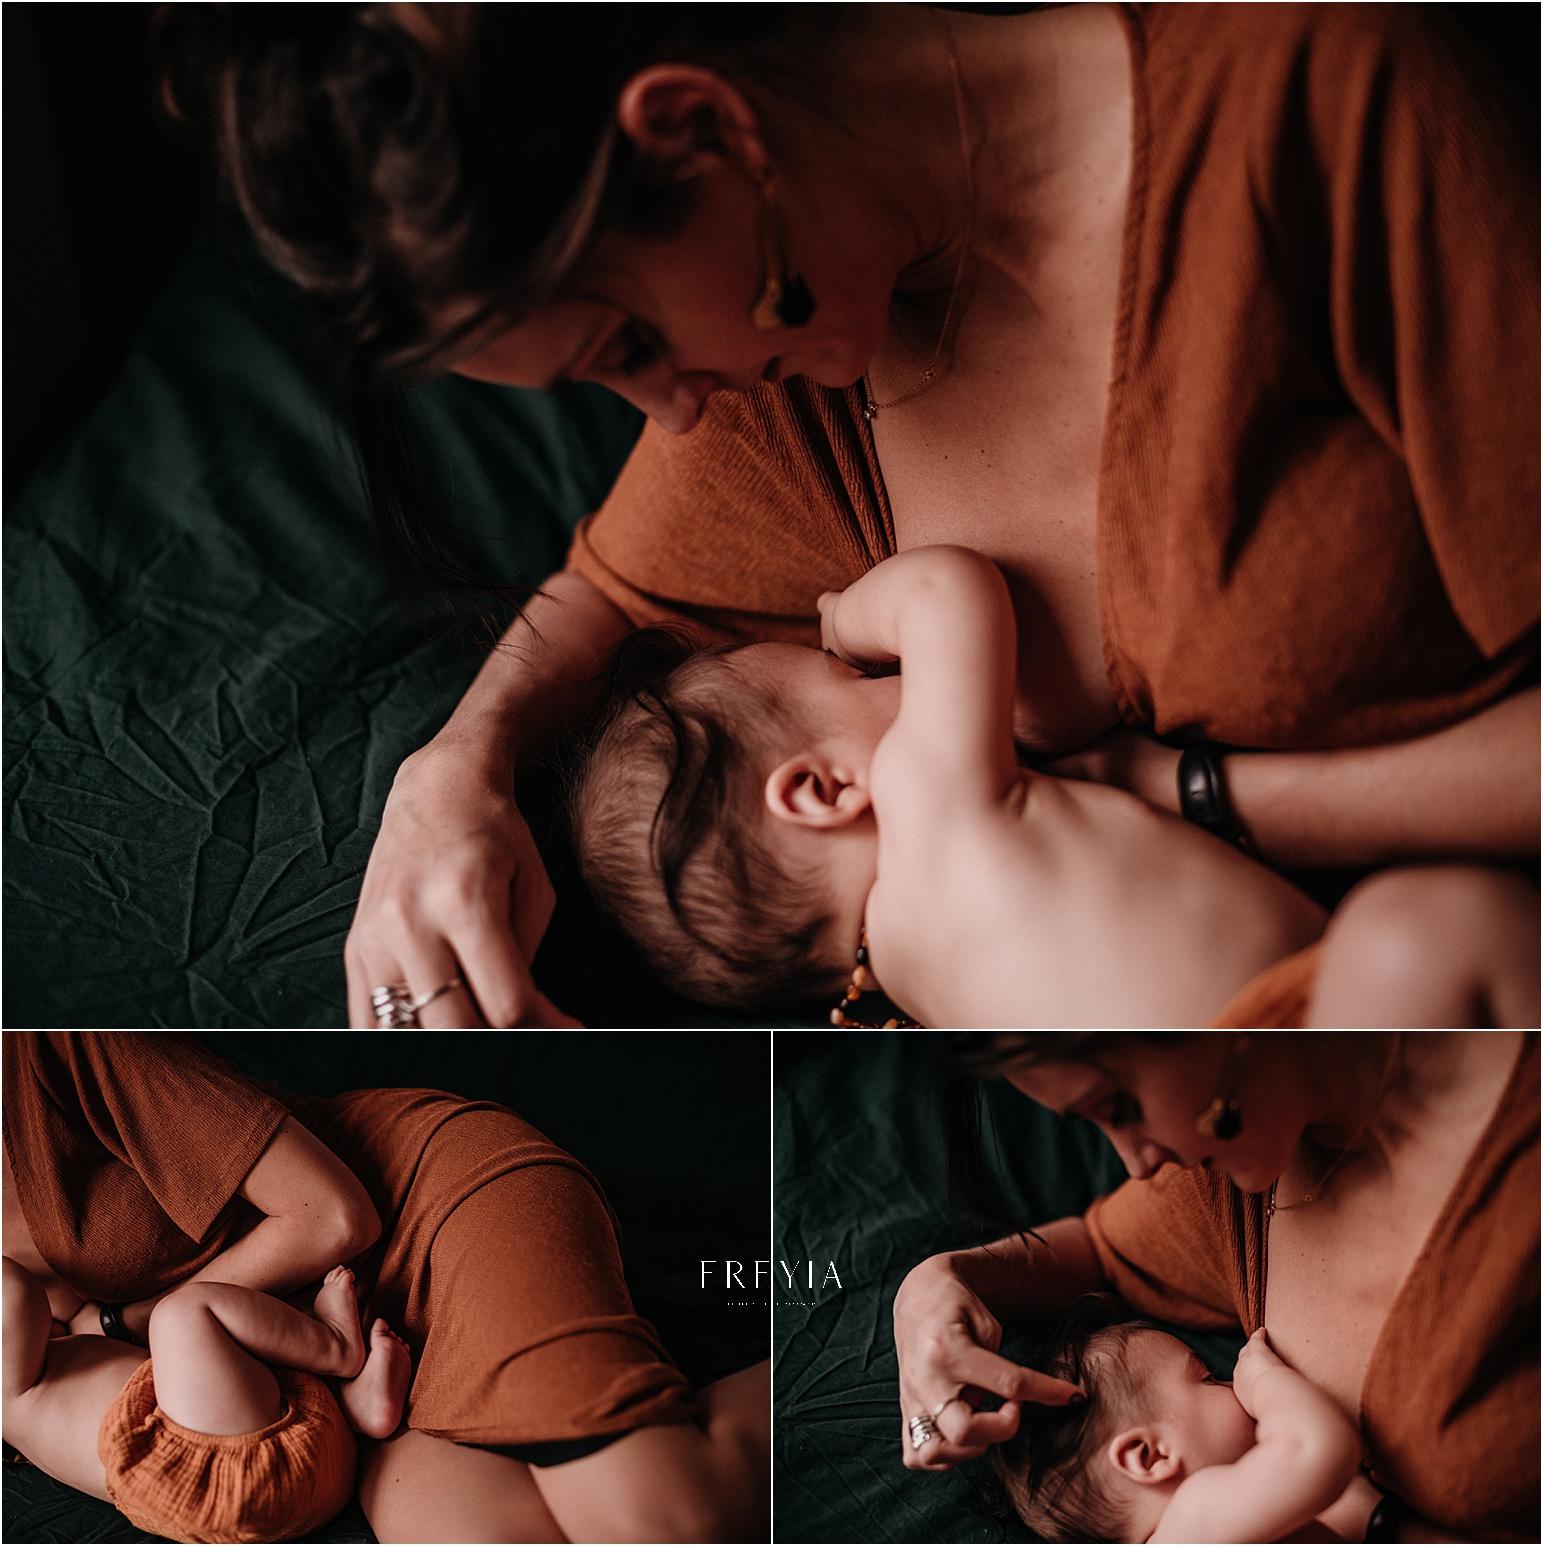 L + J session allaitement SÉANCE PHOTO bébé bebe    PHOTOGRAPHE bebe et grossesse PARIS    FREYIA photography   photographe   nouveau-né bébé maternité grossesse future maman femme enceinte naissance allaitement -99.jpg